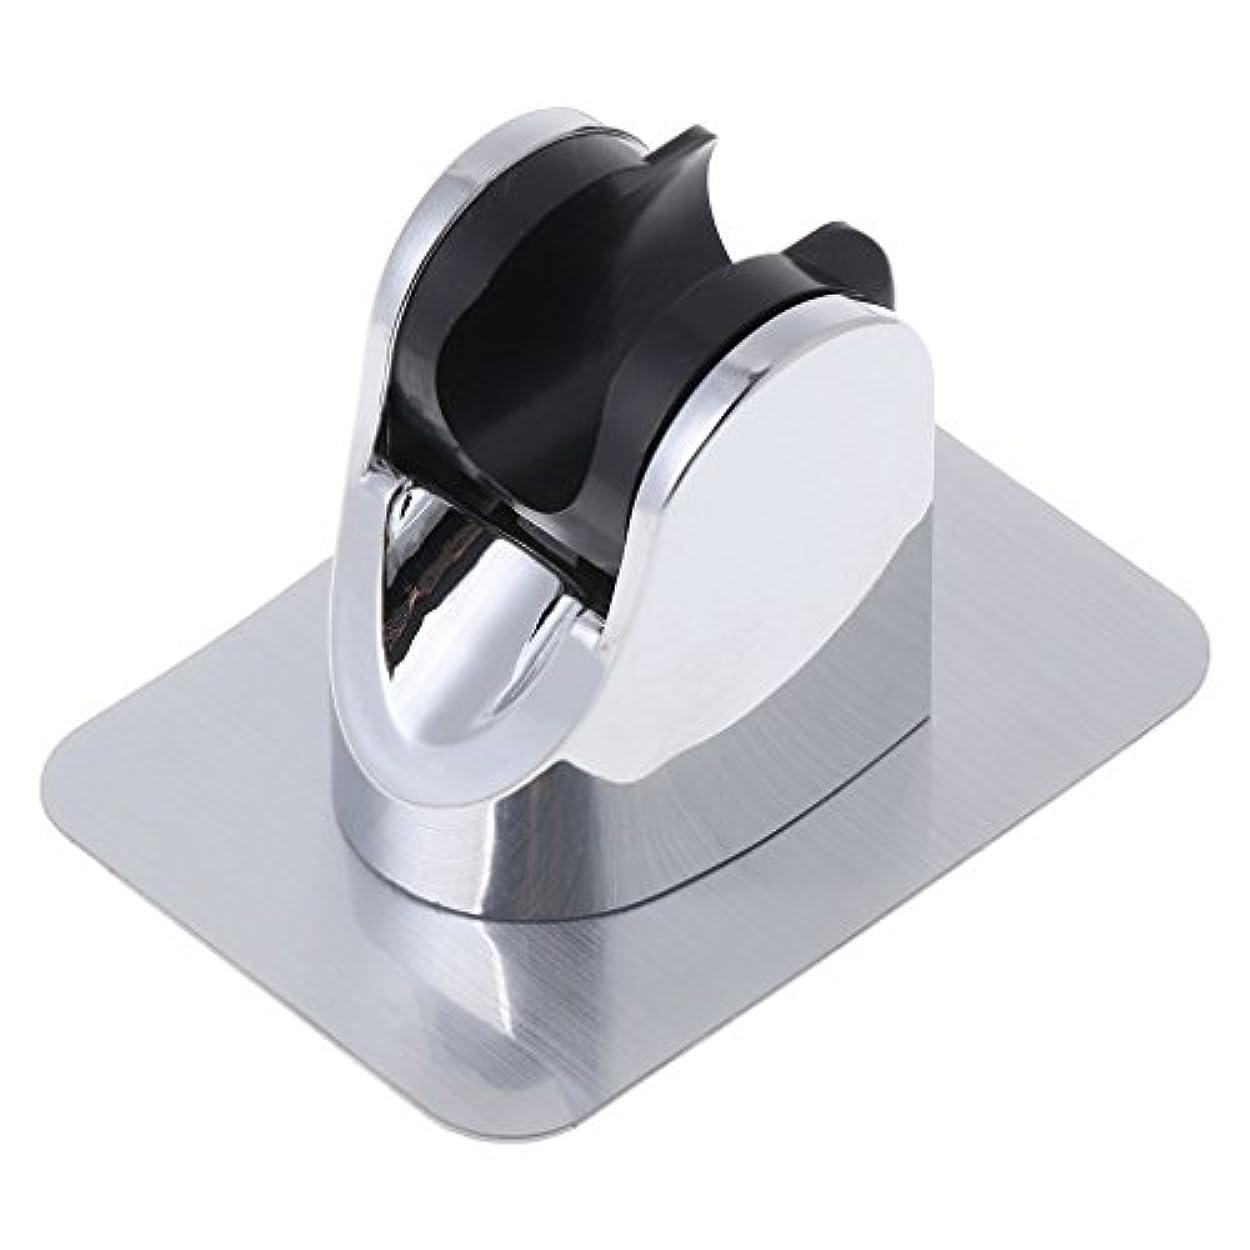 コインランドリー気づくなる側面Lamdooヘッドホルダー調節可能ドリルブラケットマウントシャワーハンドなしステッカー